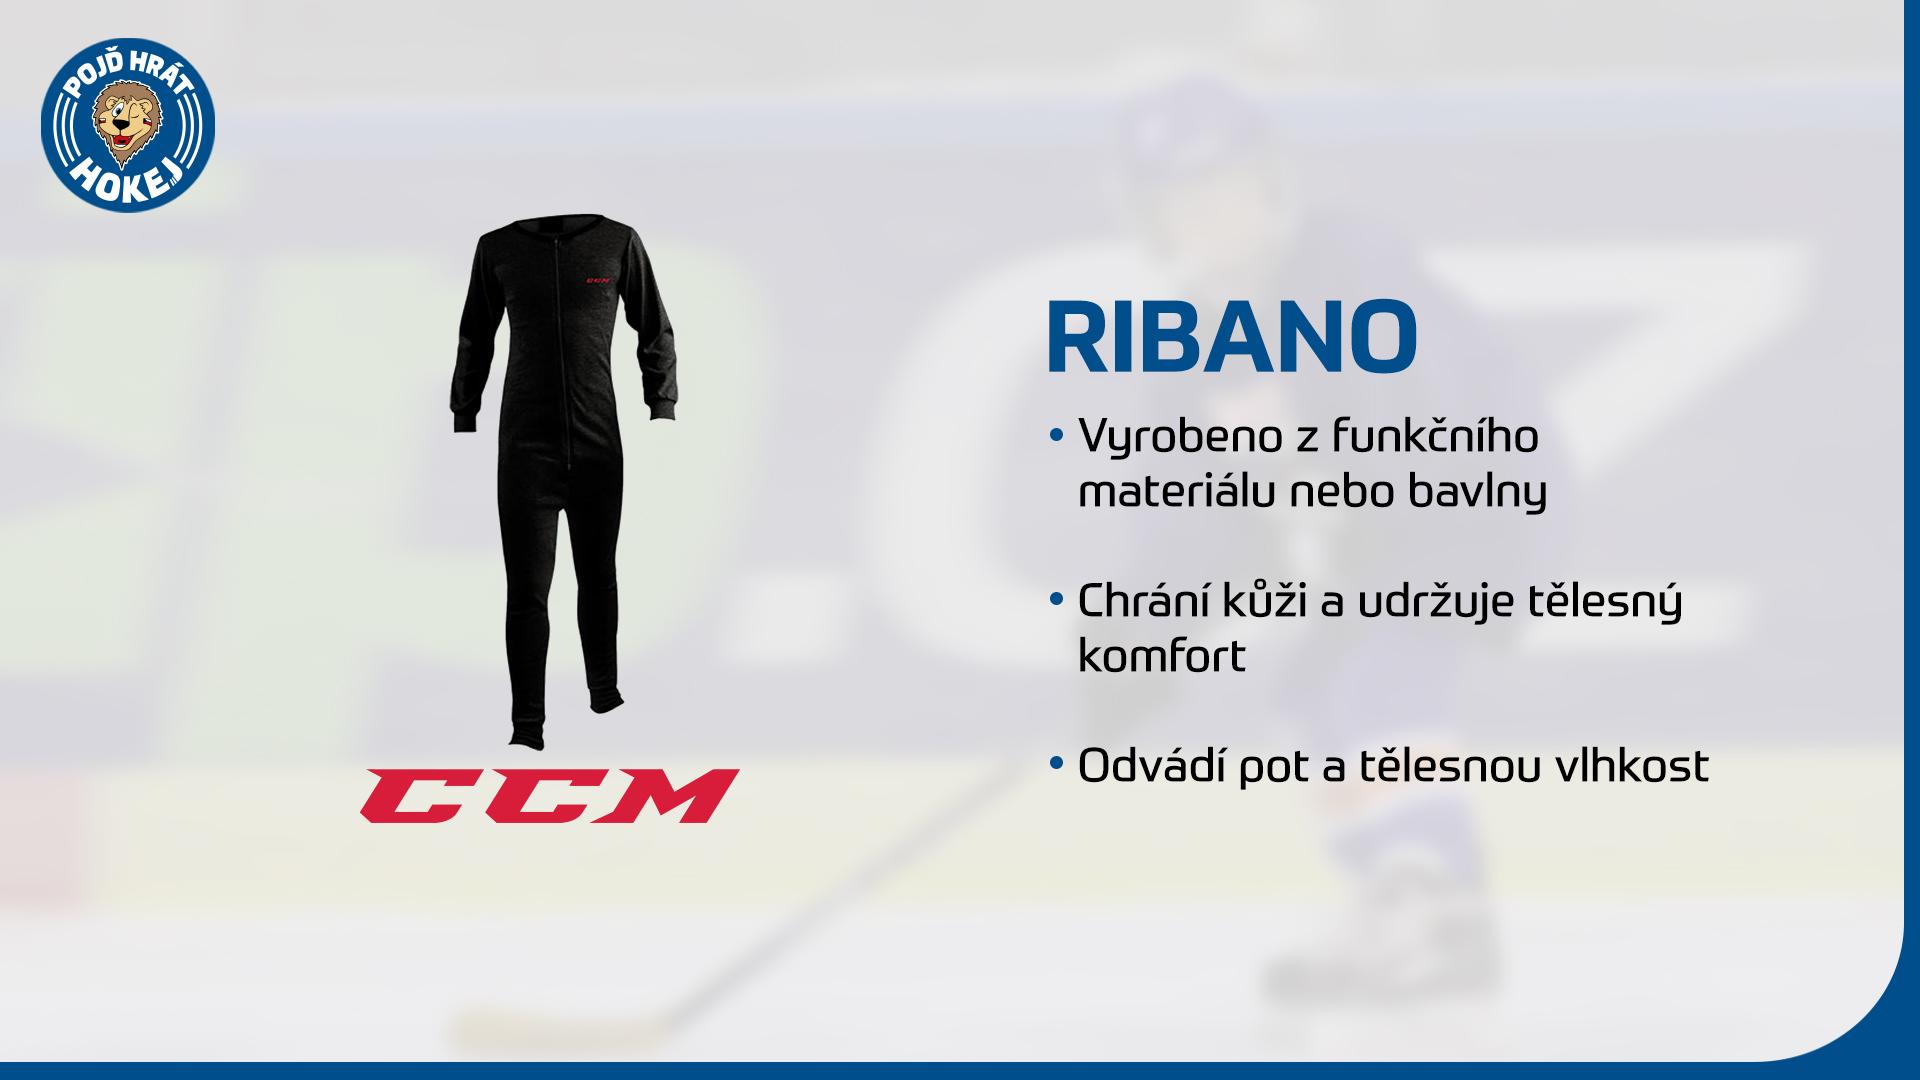 Ribano.jpg